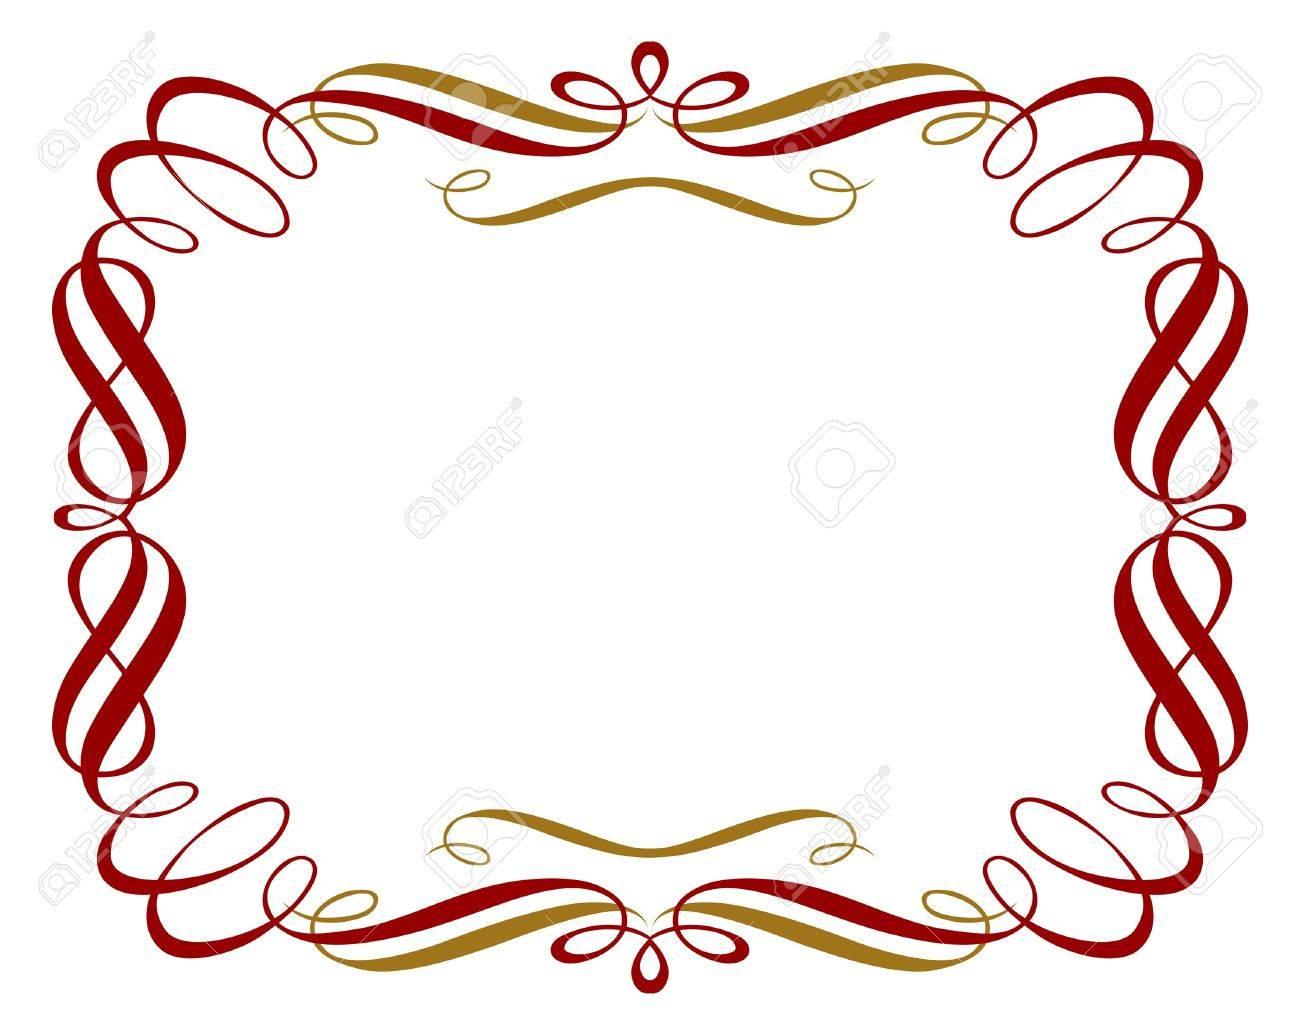 retro red gold border - 9462864